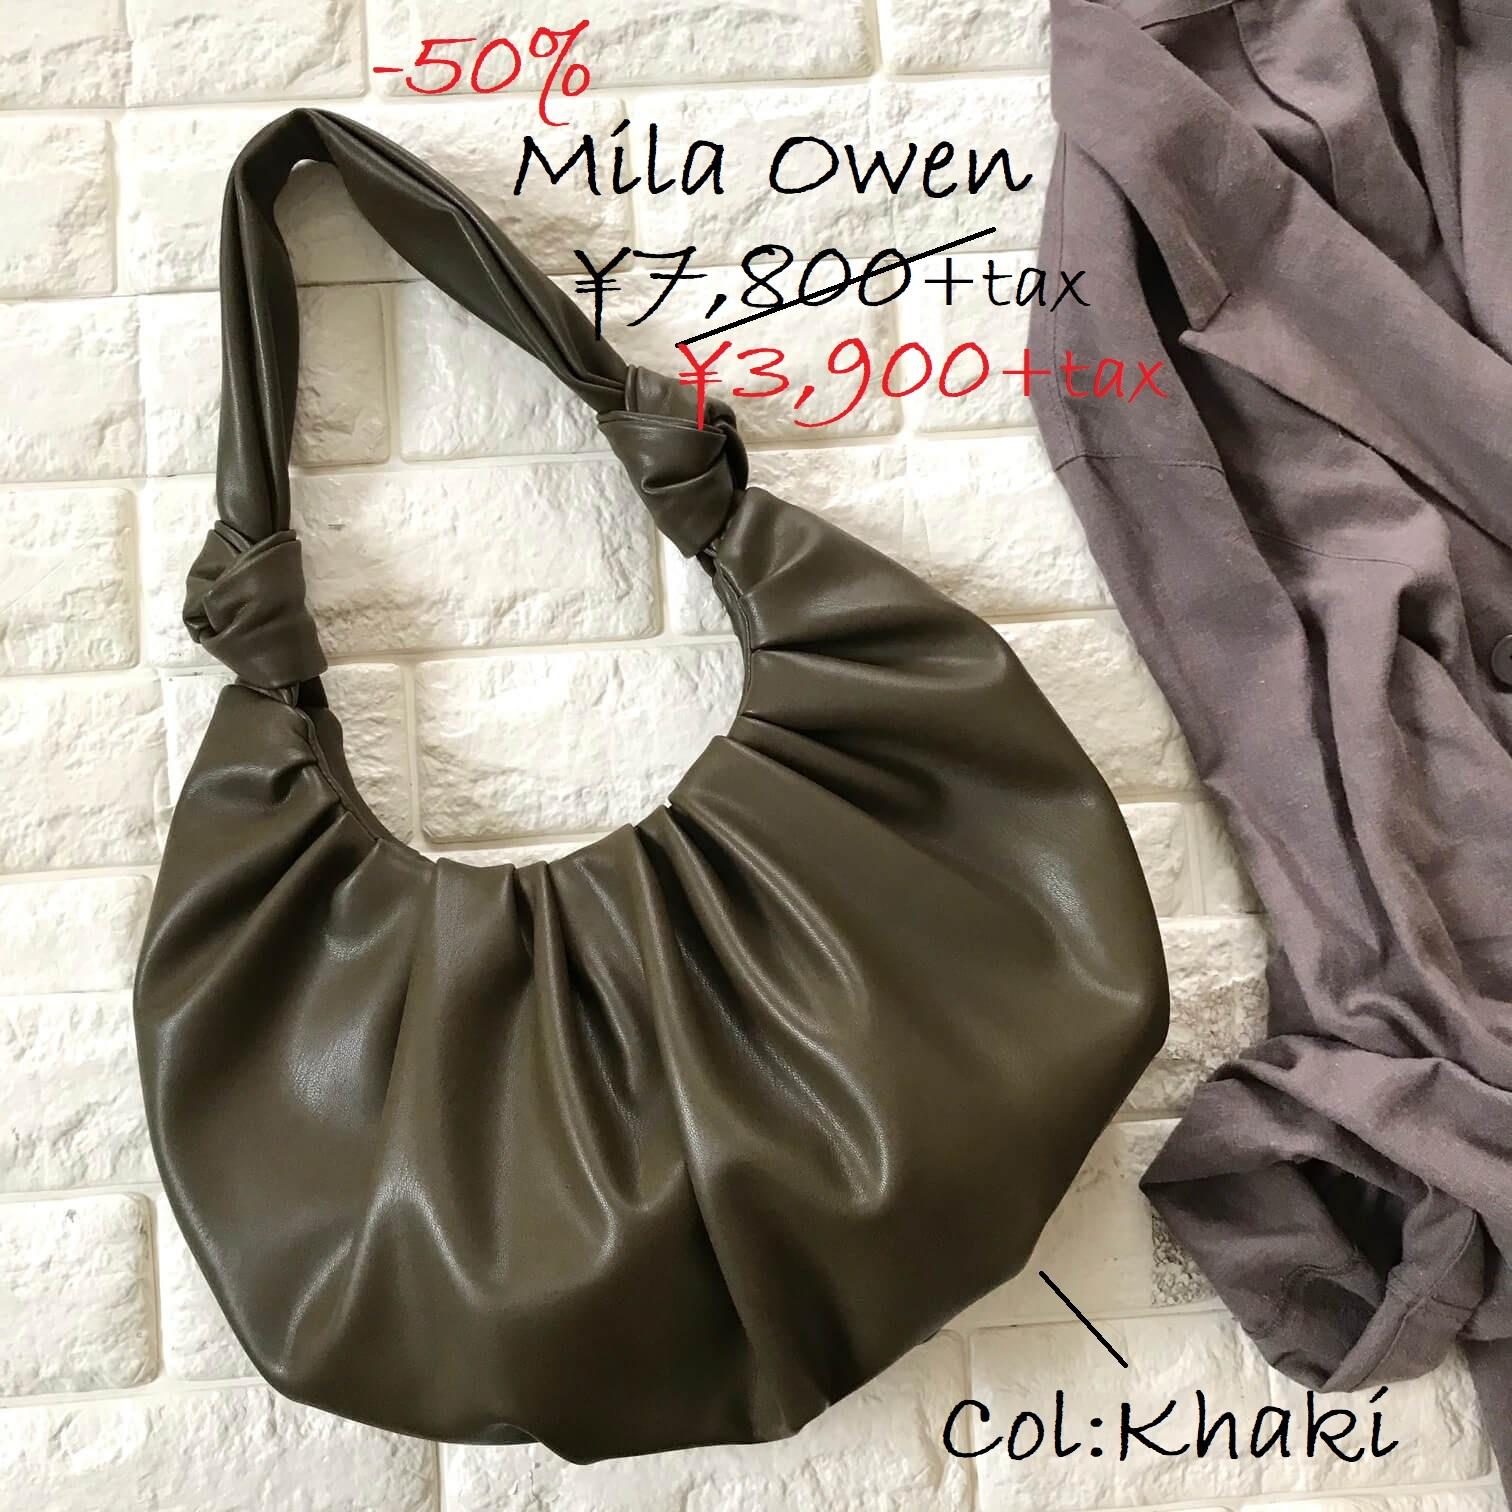 ミラオーウェンのバッグ画像